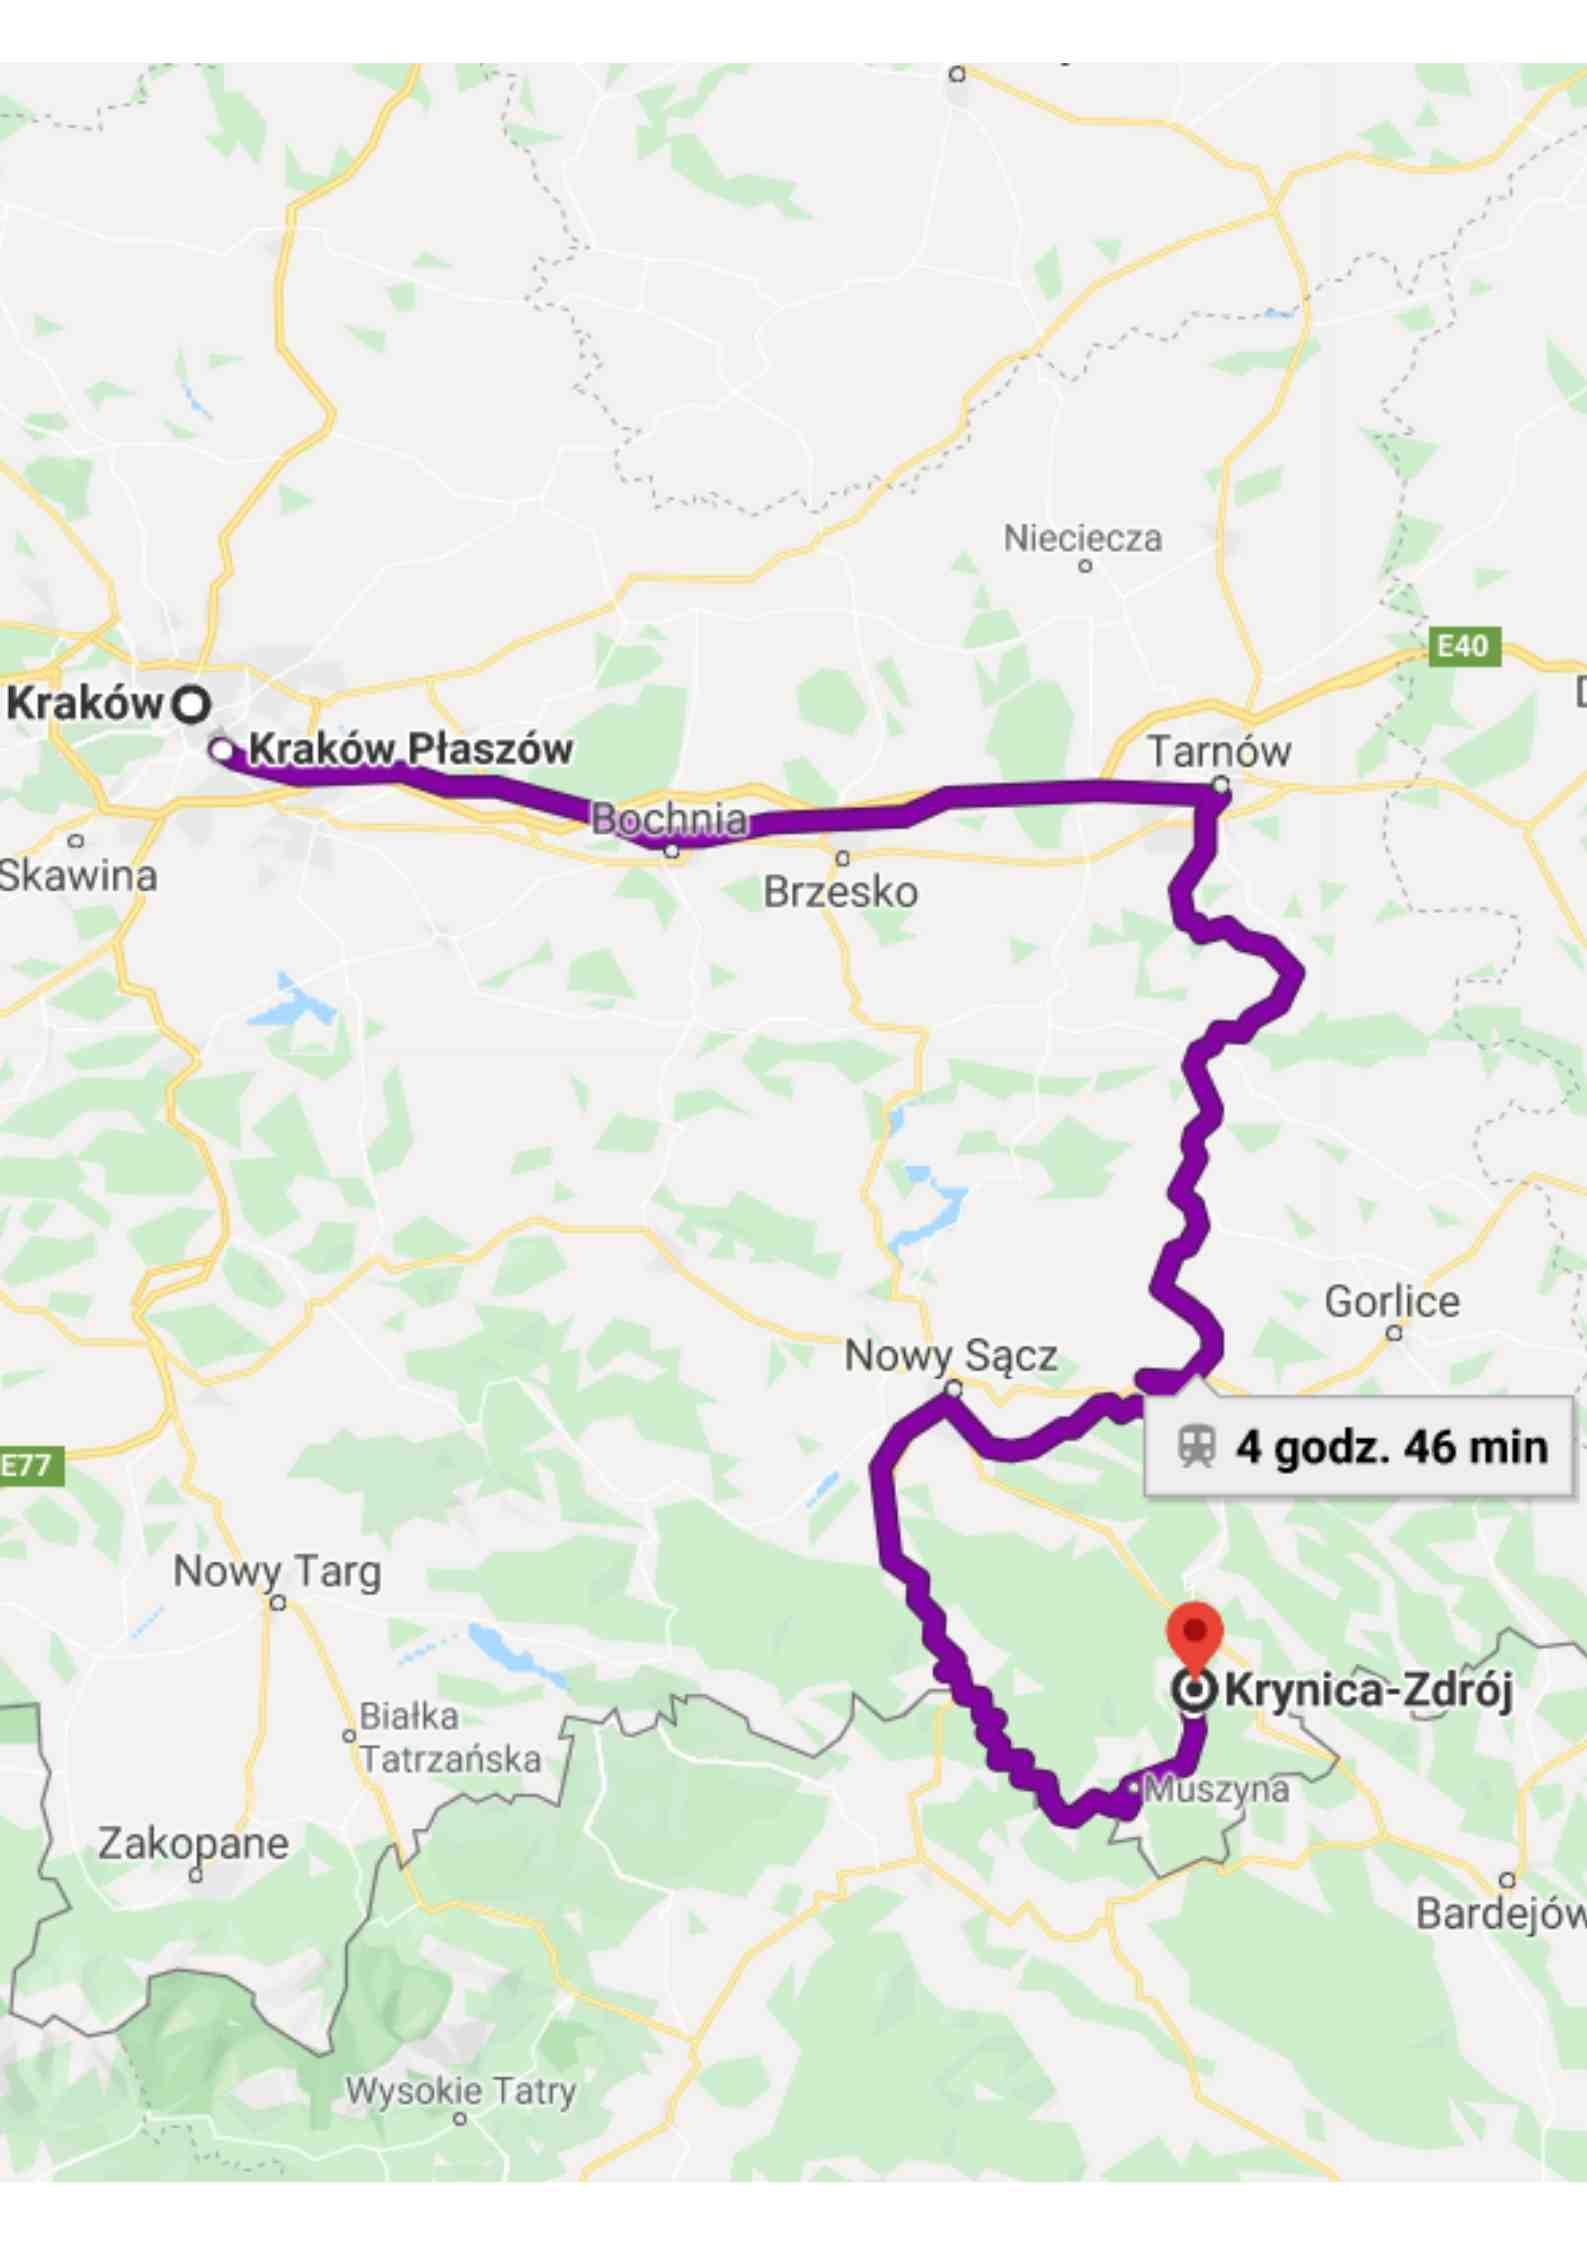 Mapa, dojazd do Krynicy, pociąg